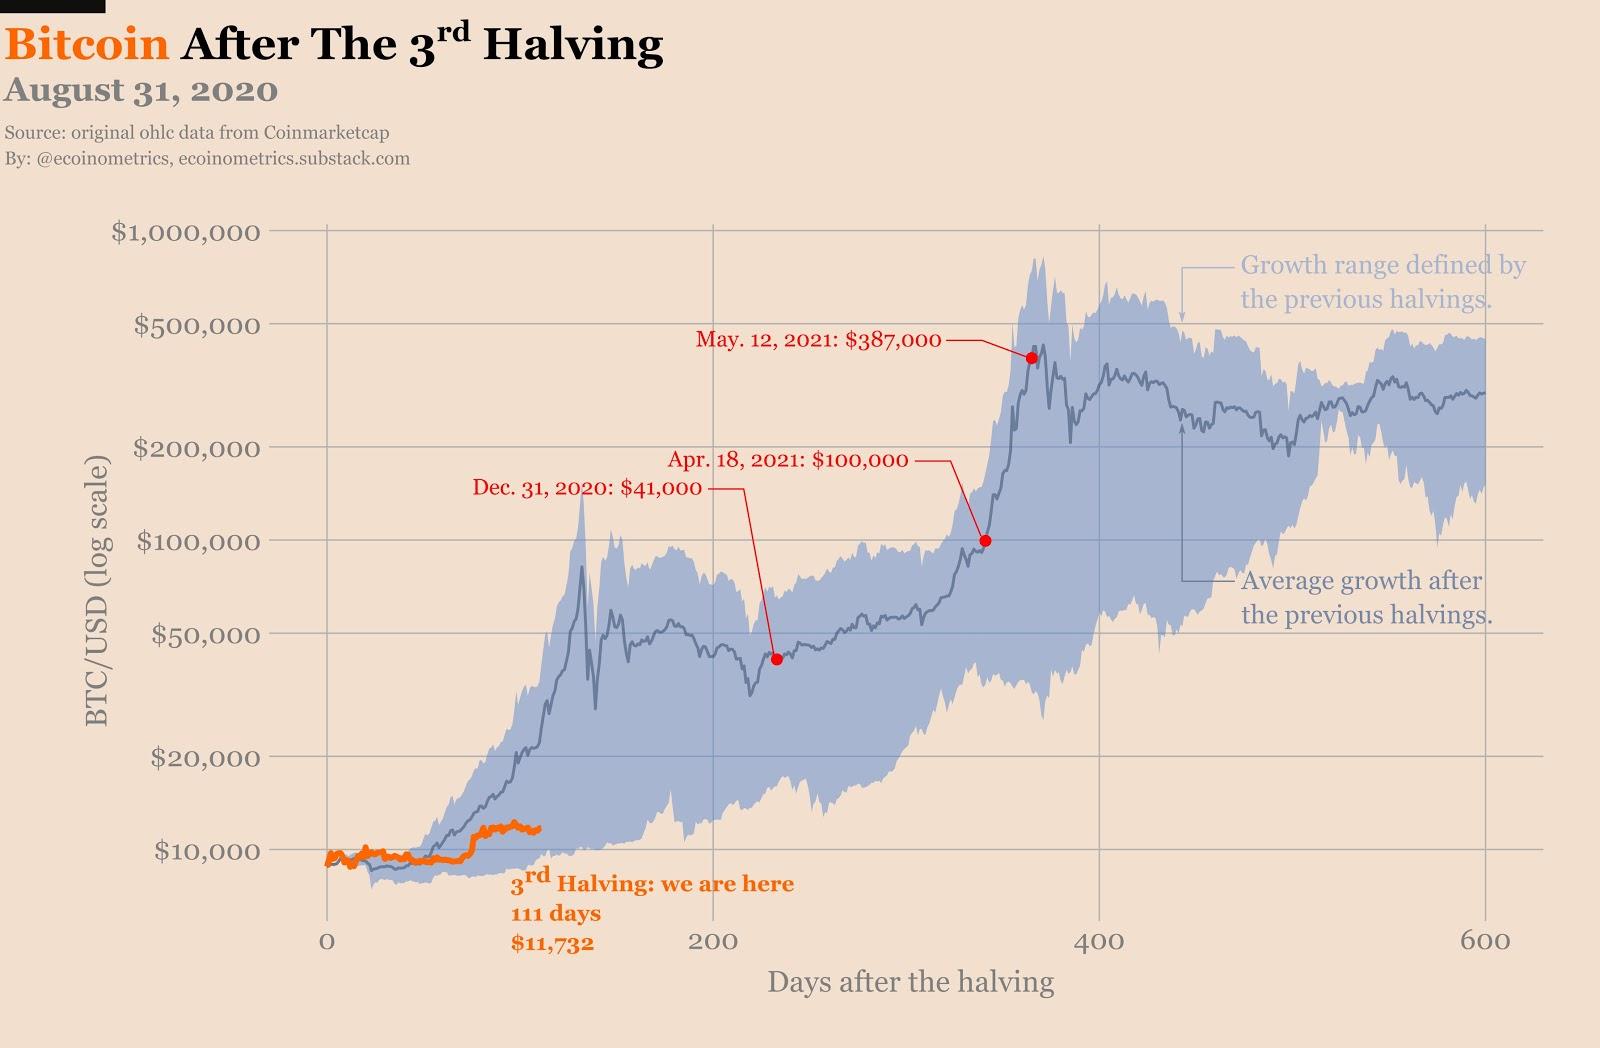 Previsione del prezzo di Bitcoin in seguito all'halving del 2020